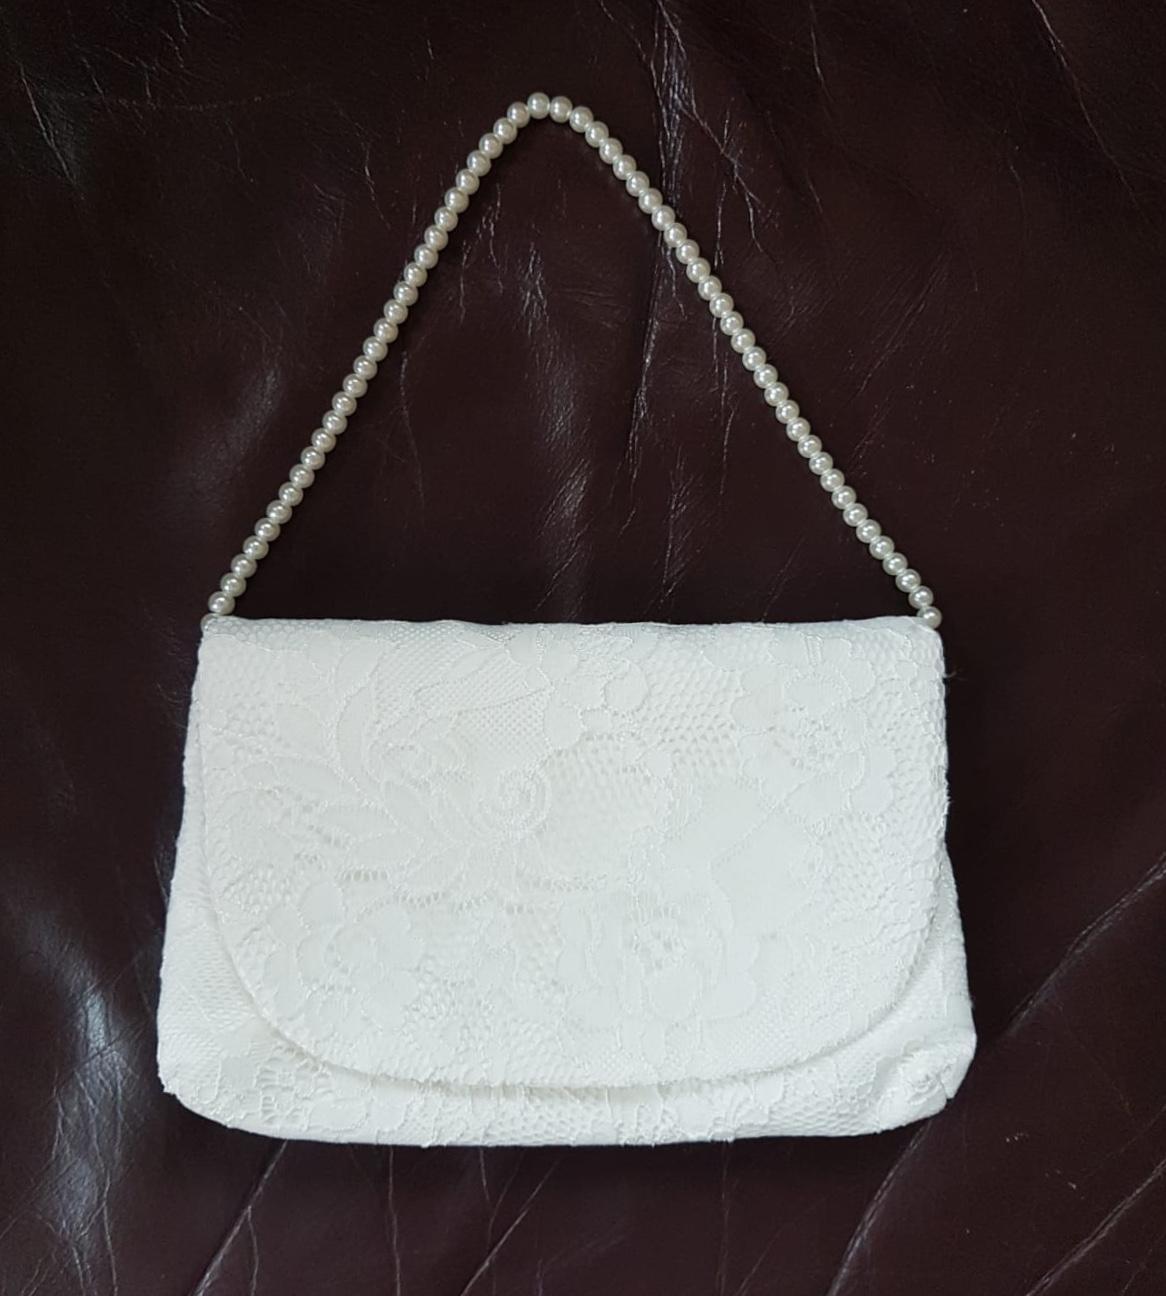 čipkovaná kabelka - Obrázok č. 2